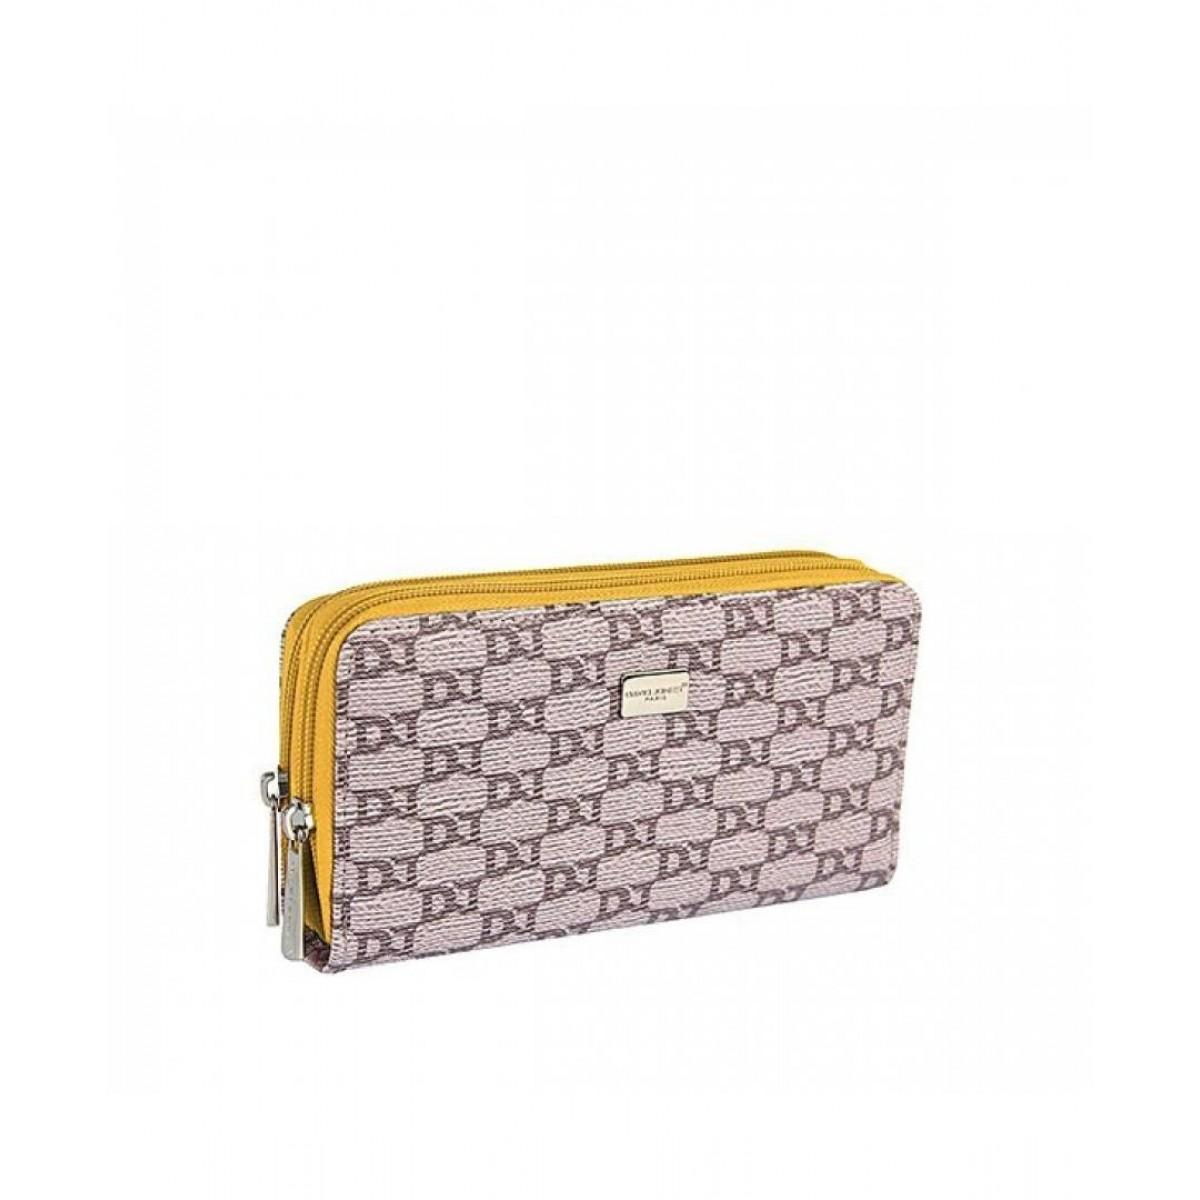 Жіночий гаманець David Jones P080-508